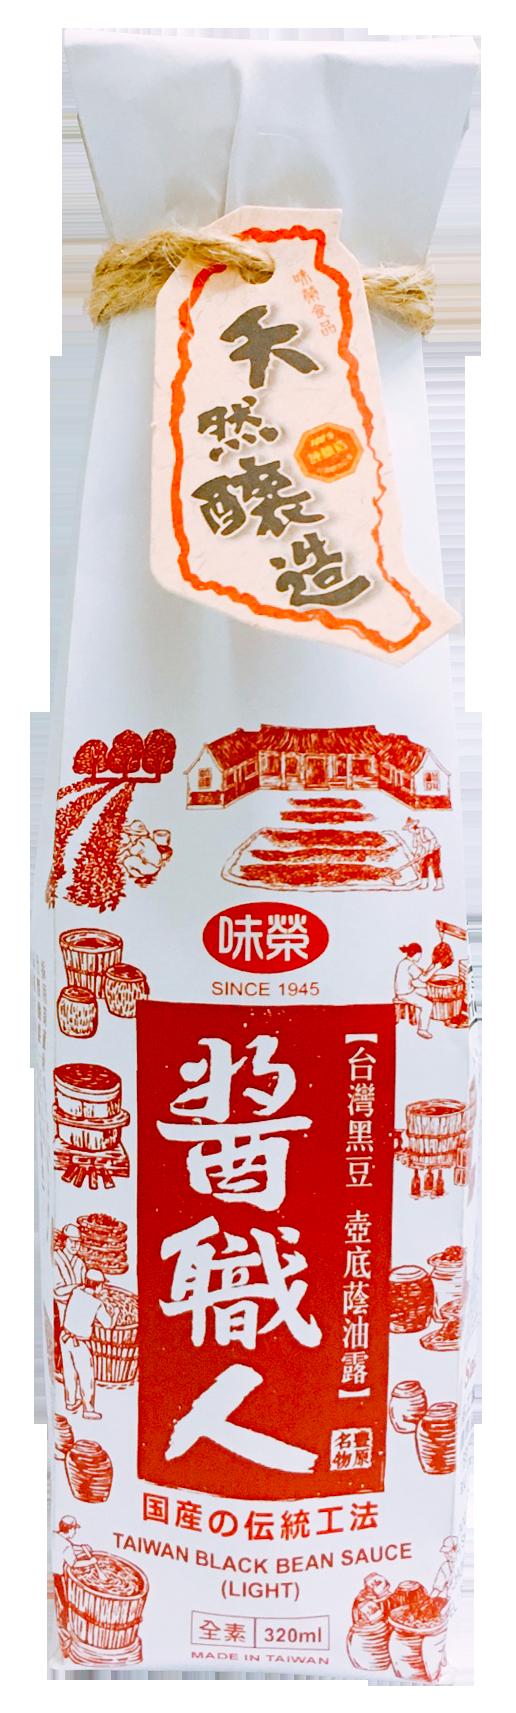 【味榮】國產黑豆蔭油露320ml ★全新包裝★  ↗文創新風格↘ 0